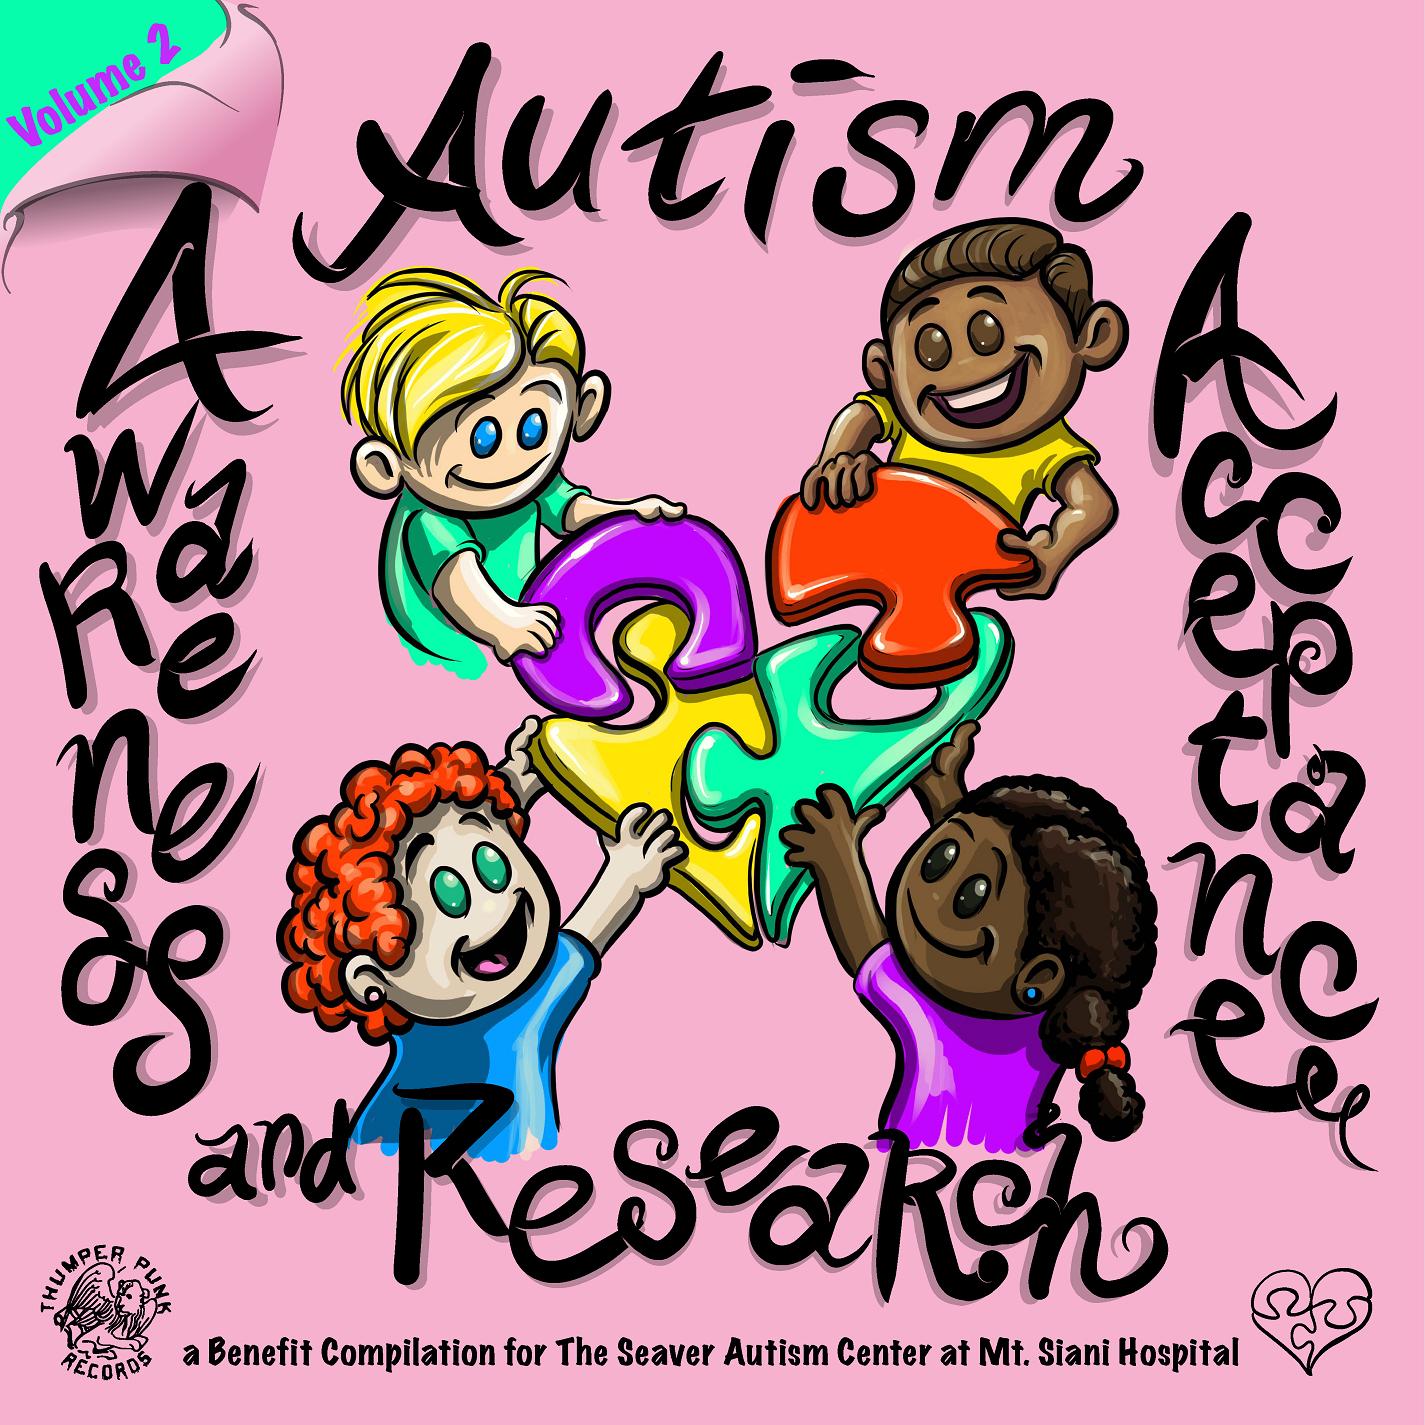 Autism_BenefitComp_Vol2_1425x1425.png